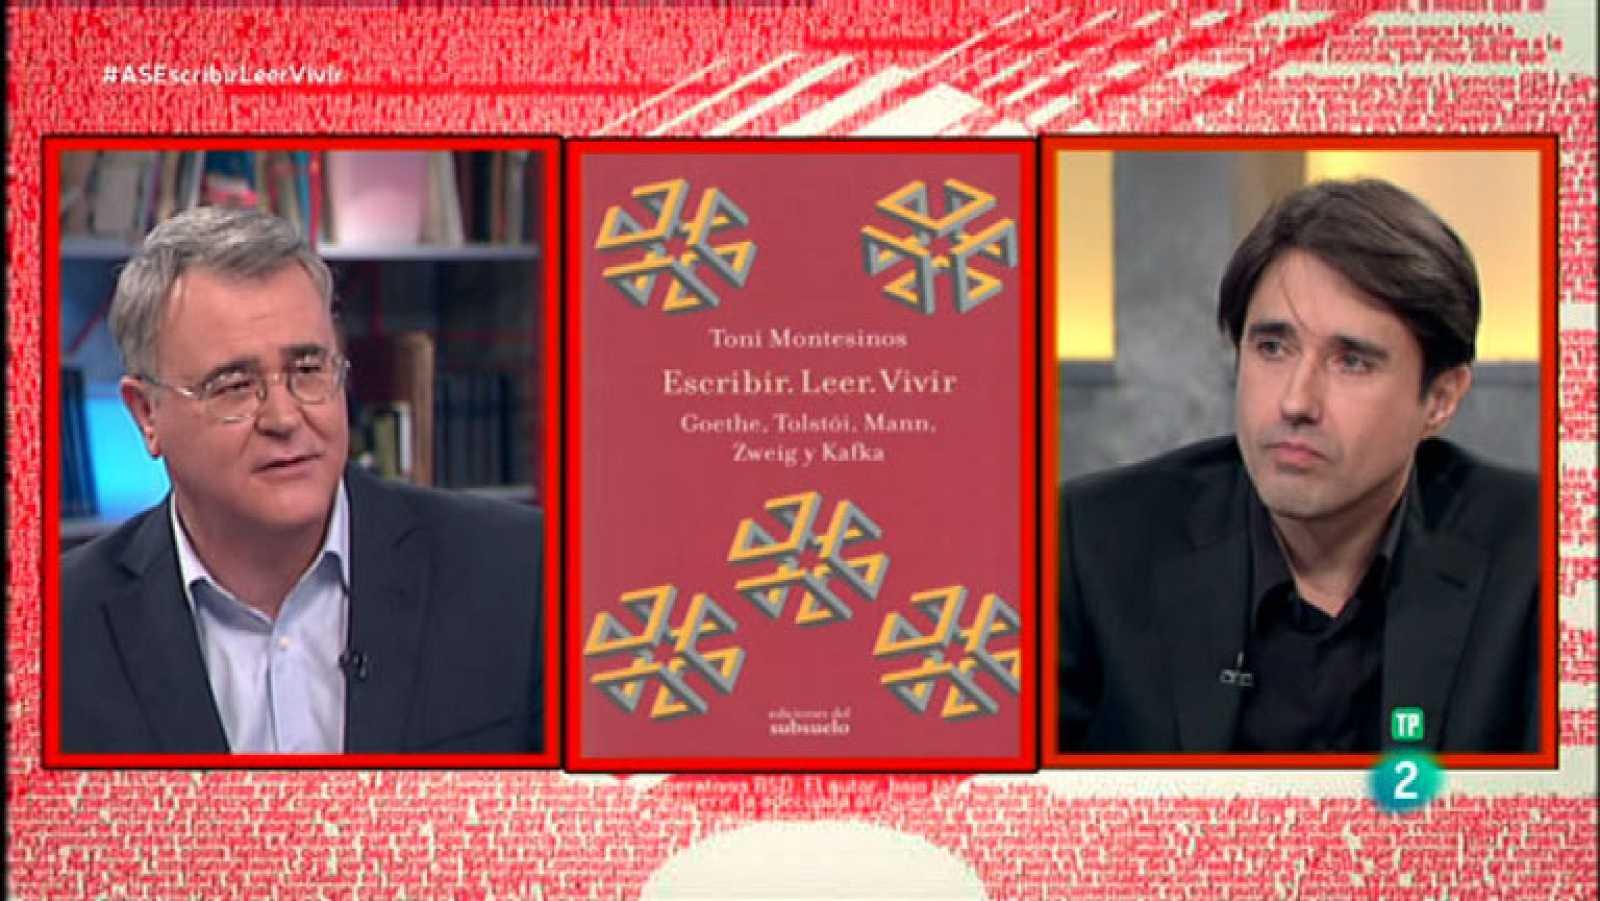 La Aventura del Saber. TVE. Entrevista a Toni Montesinos